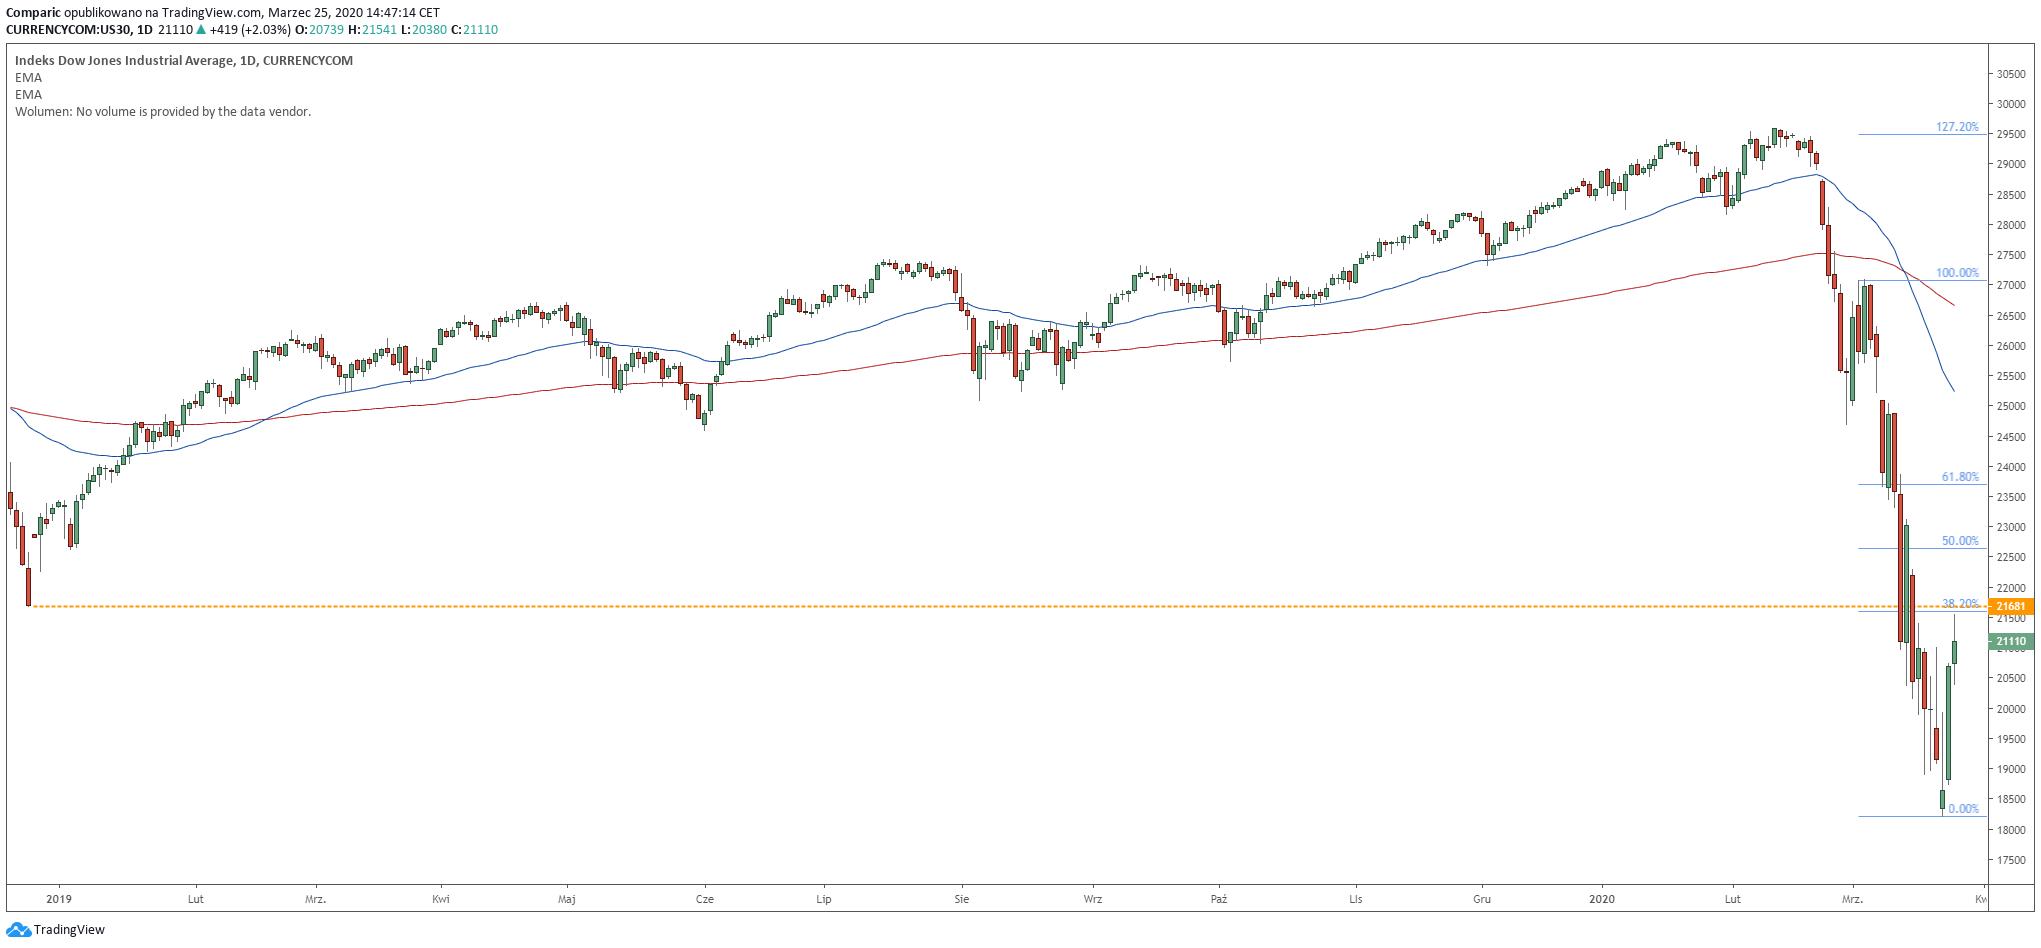 Dow Jones odbija w środę o ponad 2%, testuje ważną strefę oporu. Źródło: Tradingview.com